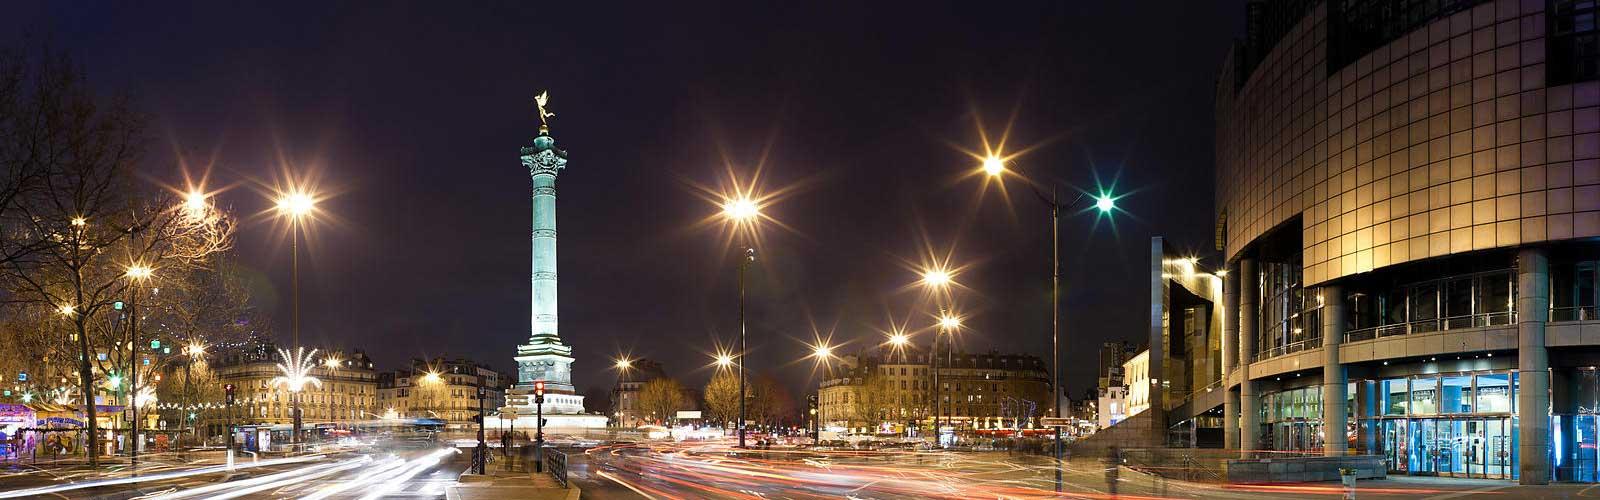 Paris hoteles cerca de place de la bastille for Hoteles en paris